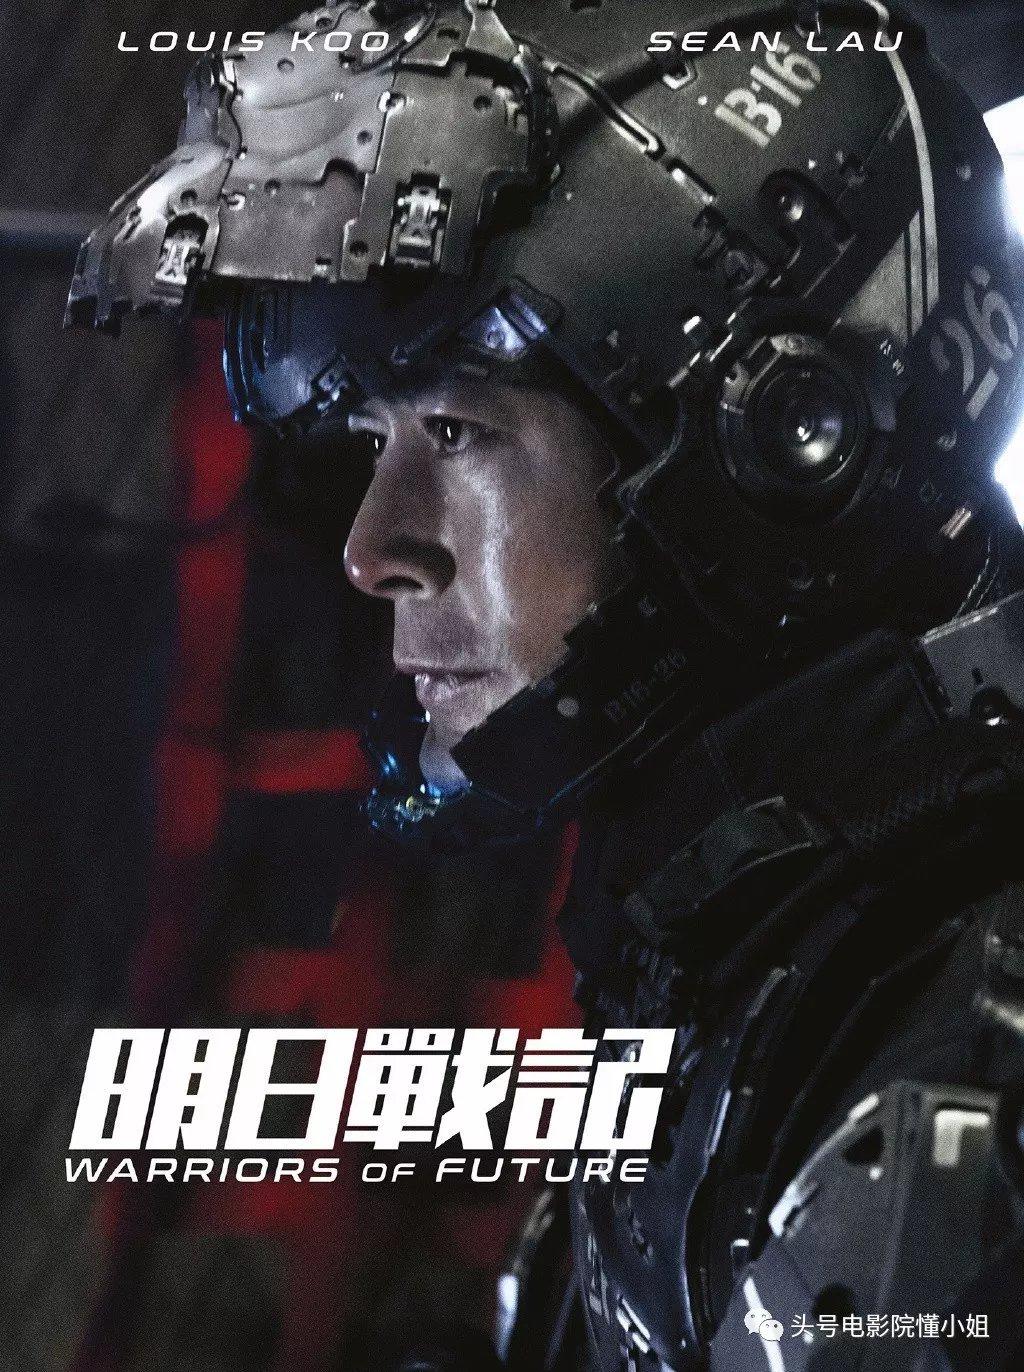 明日战记_其中,有关注度极高的科幻影片《明日战记》,还有刚刚公布的他和刘德华